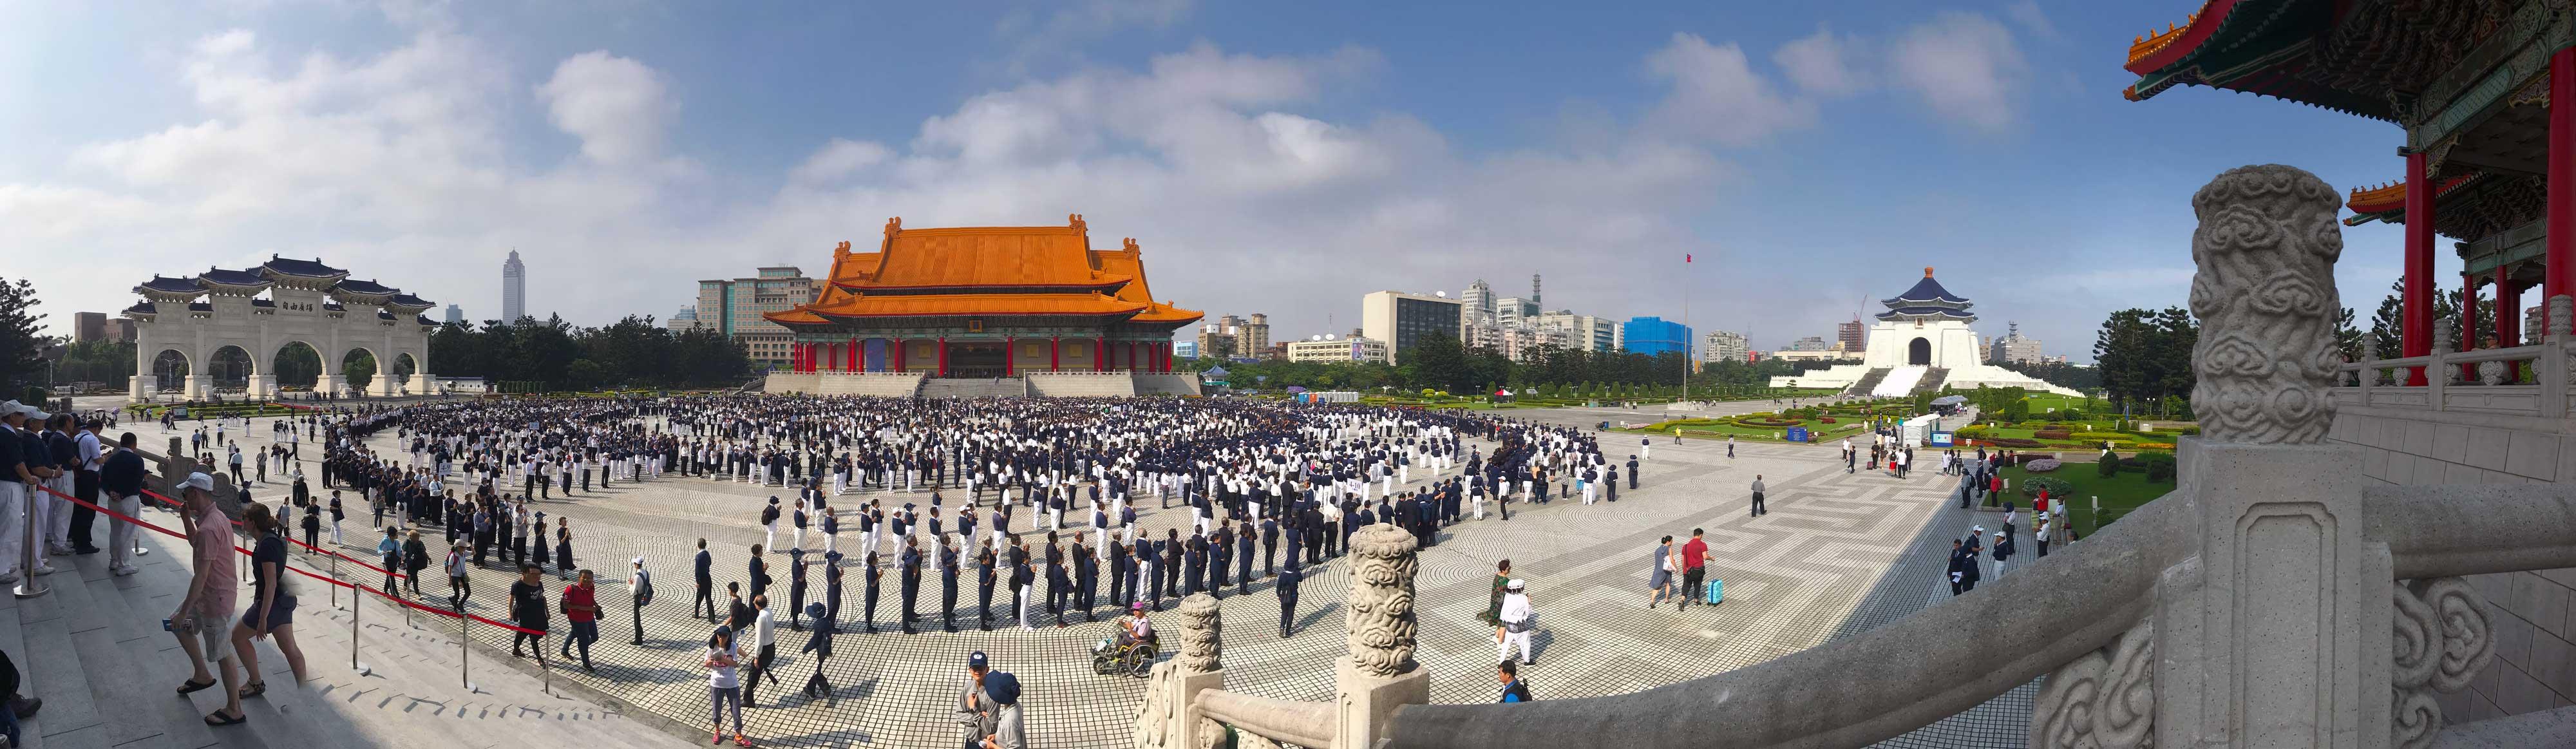 Taiwan Taipei Chiang Kai Shek Memorial Hall Panorama